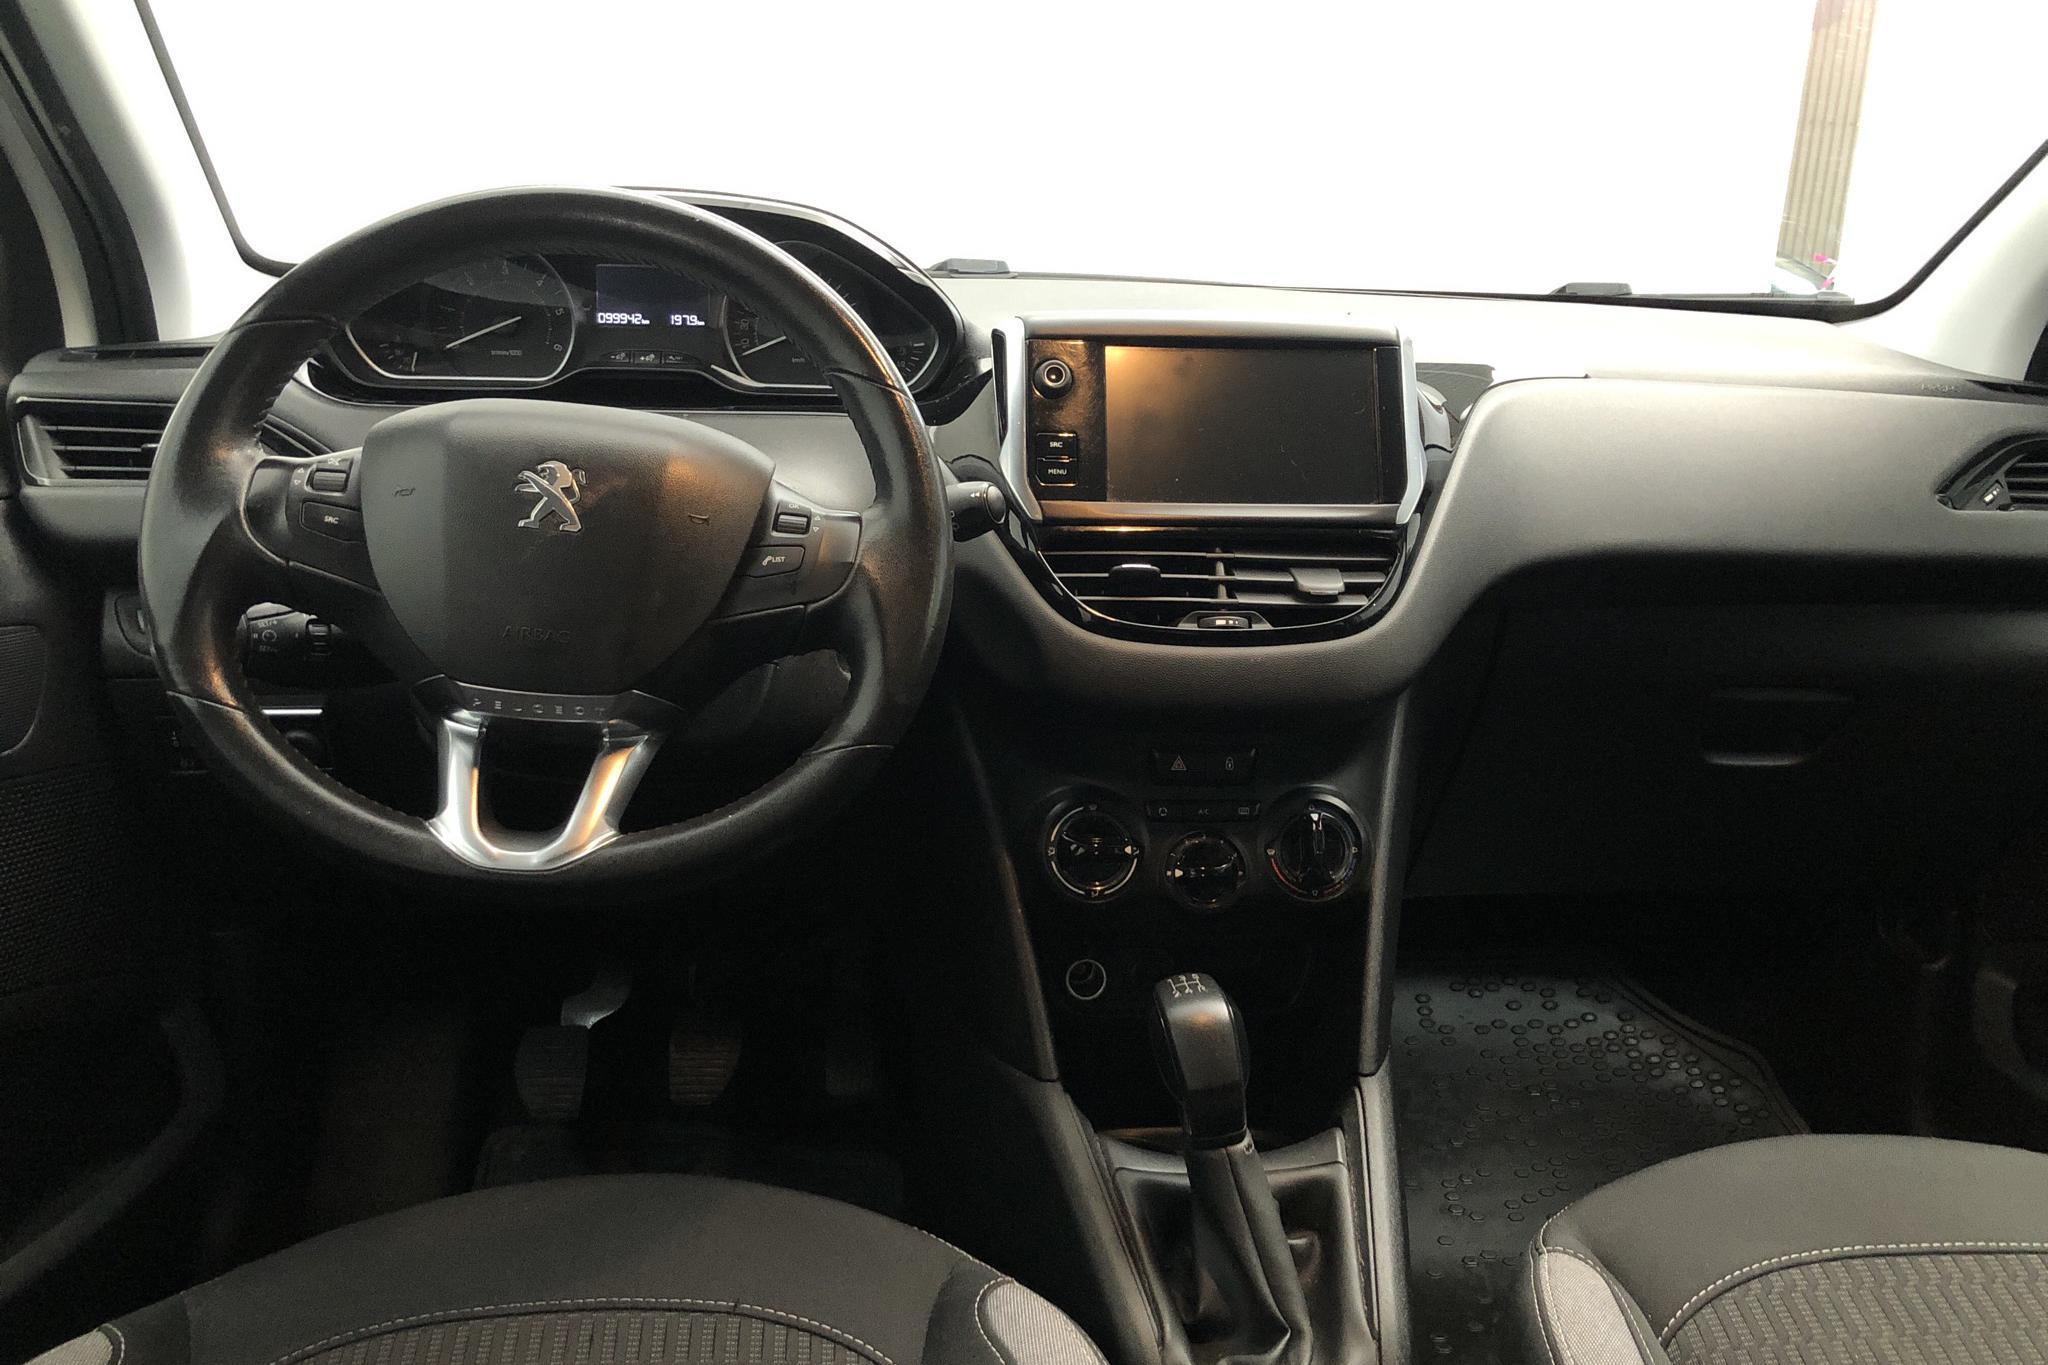 Peugeot 208 BlueHDi 5dr (100hk) - 99 930 km - Manual - white - 2016